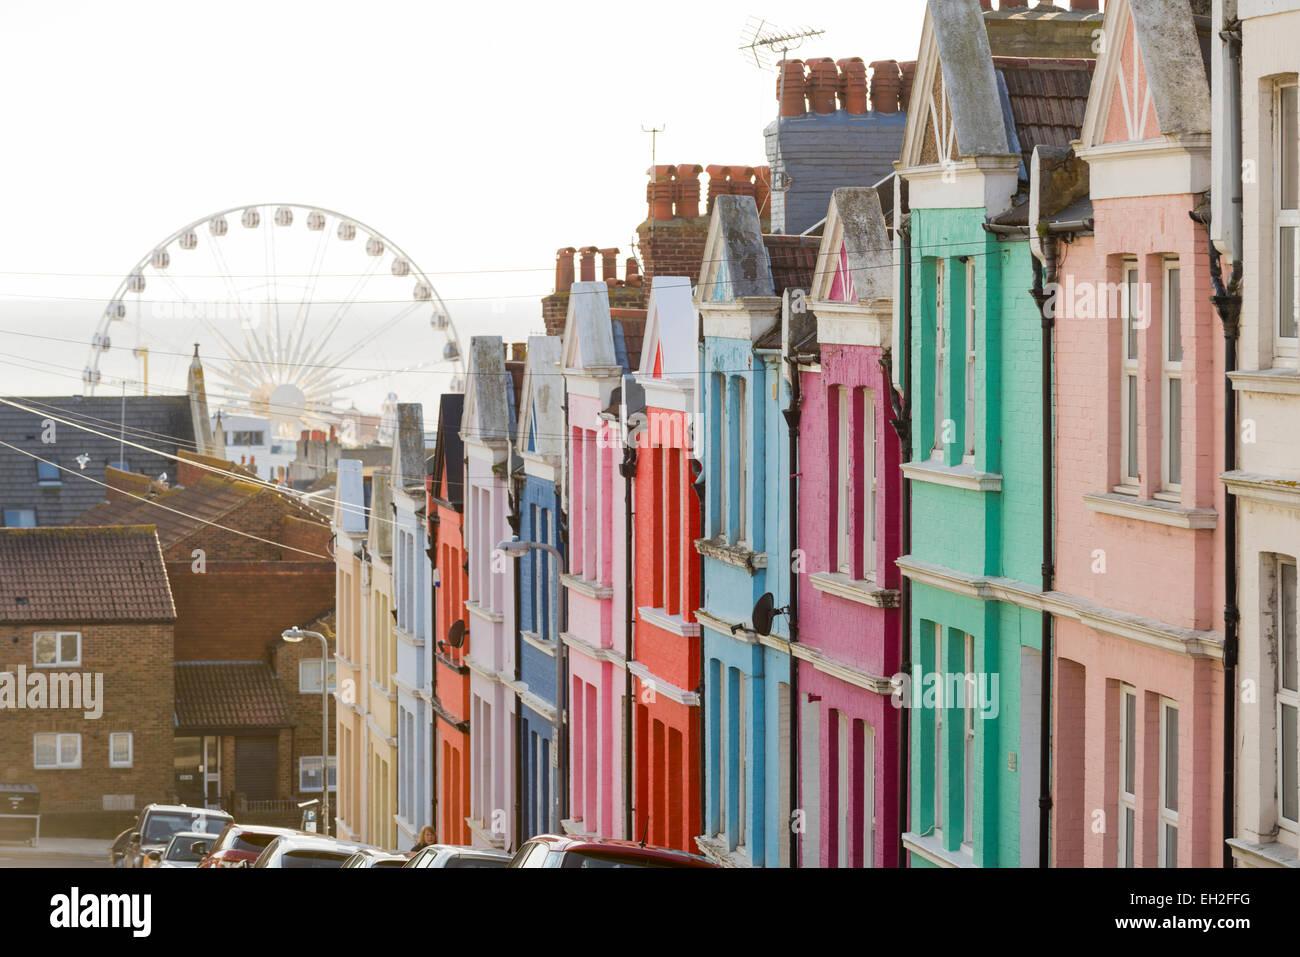 Reihe von bunten gemalt Reihenhäuser in Brighton, East Sussex, England, UK. Stockbild